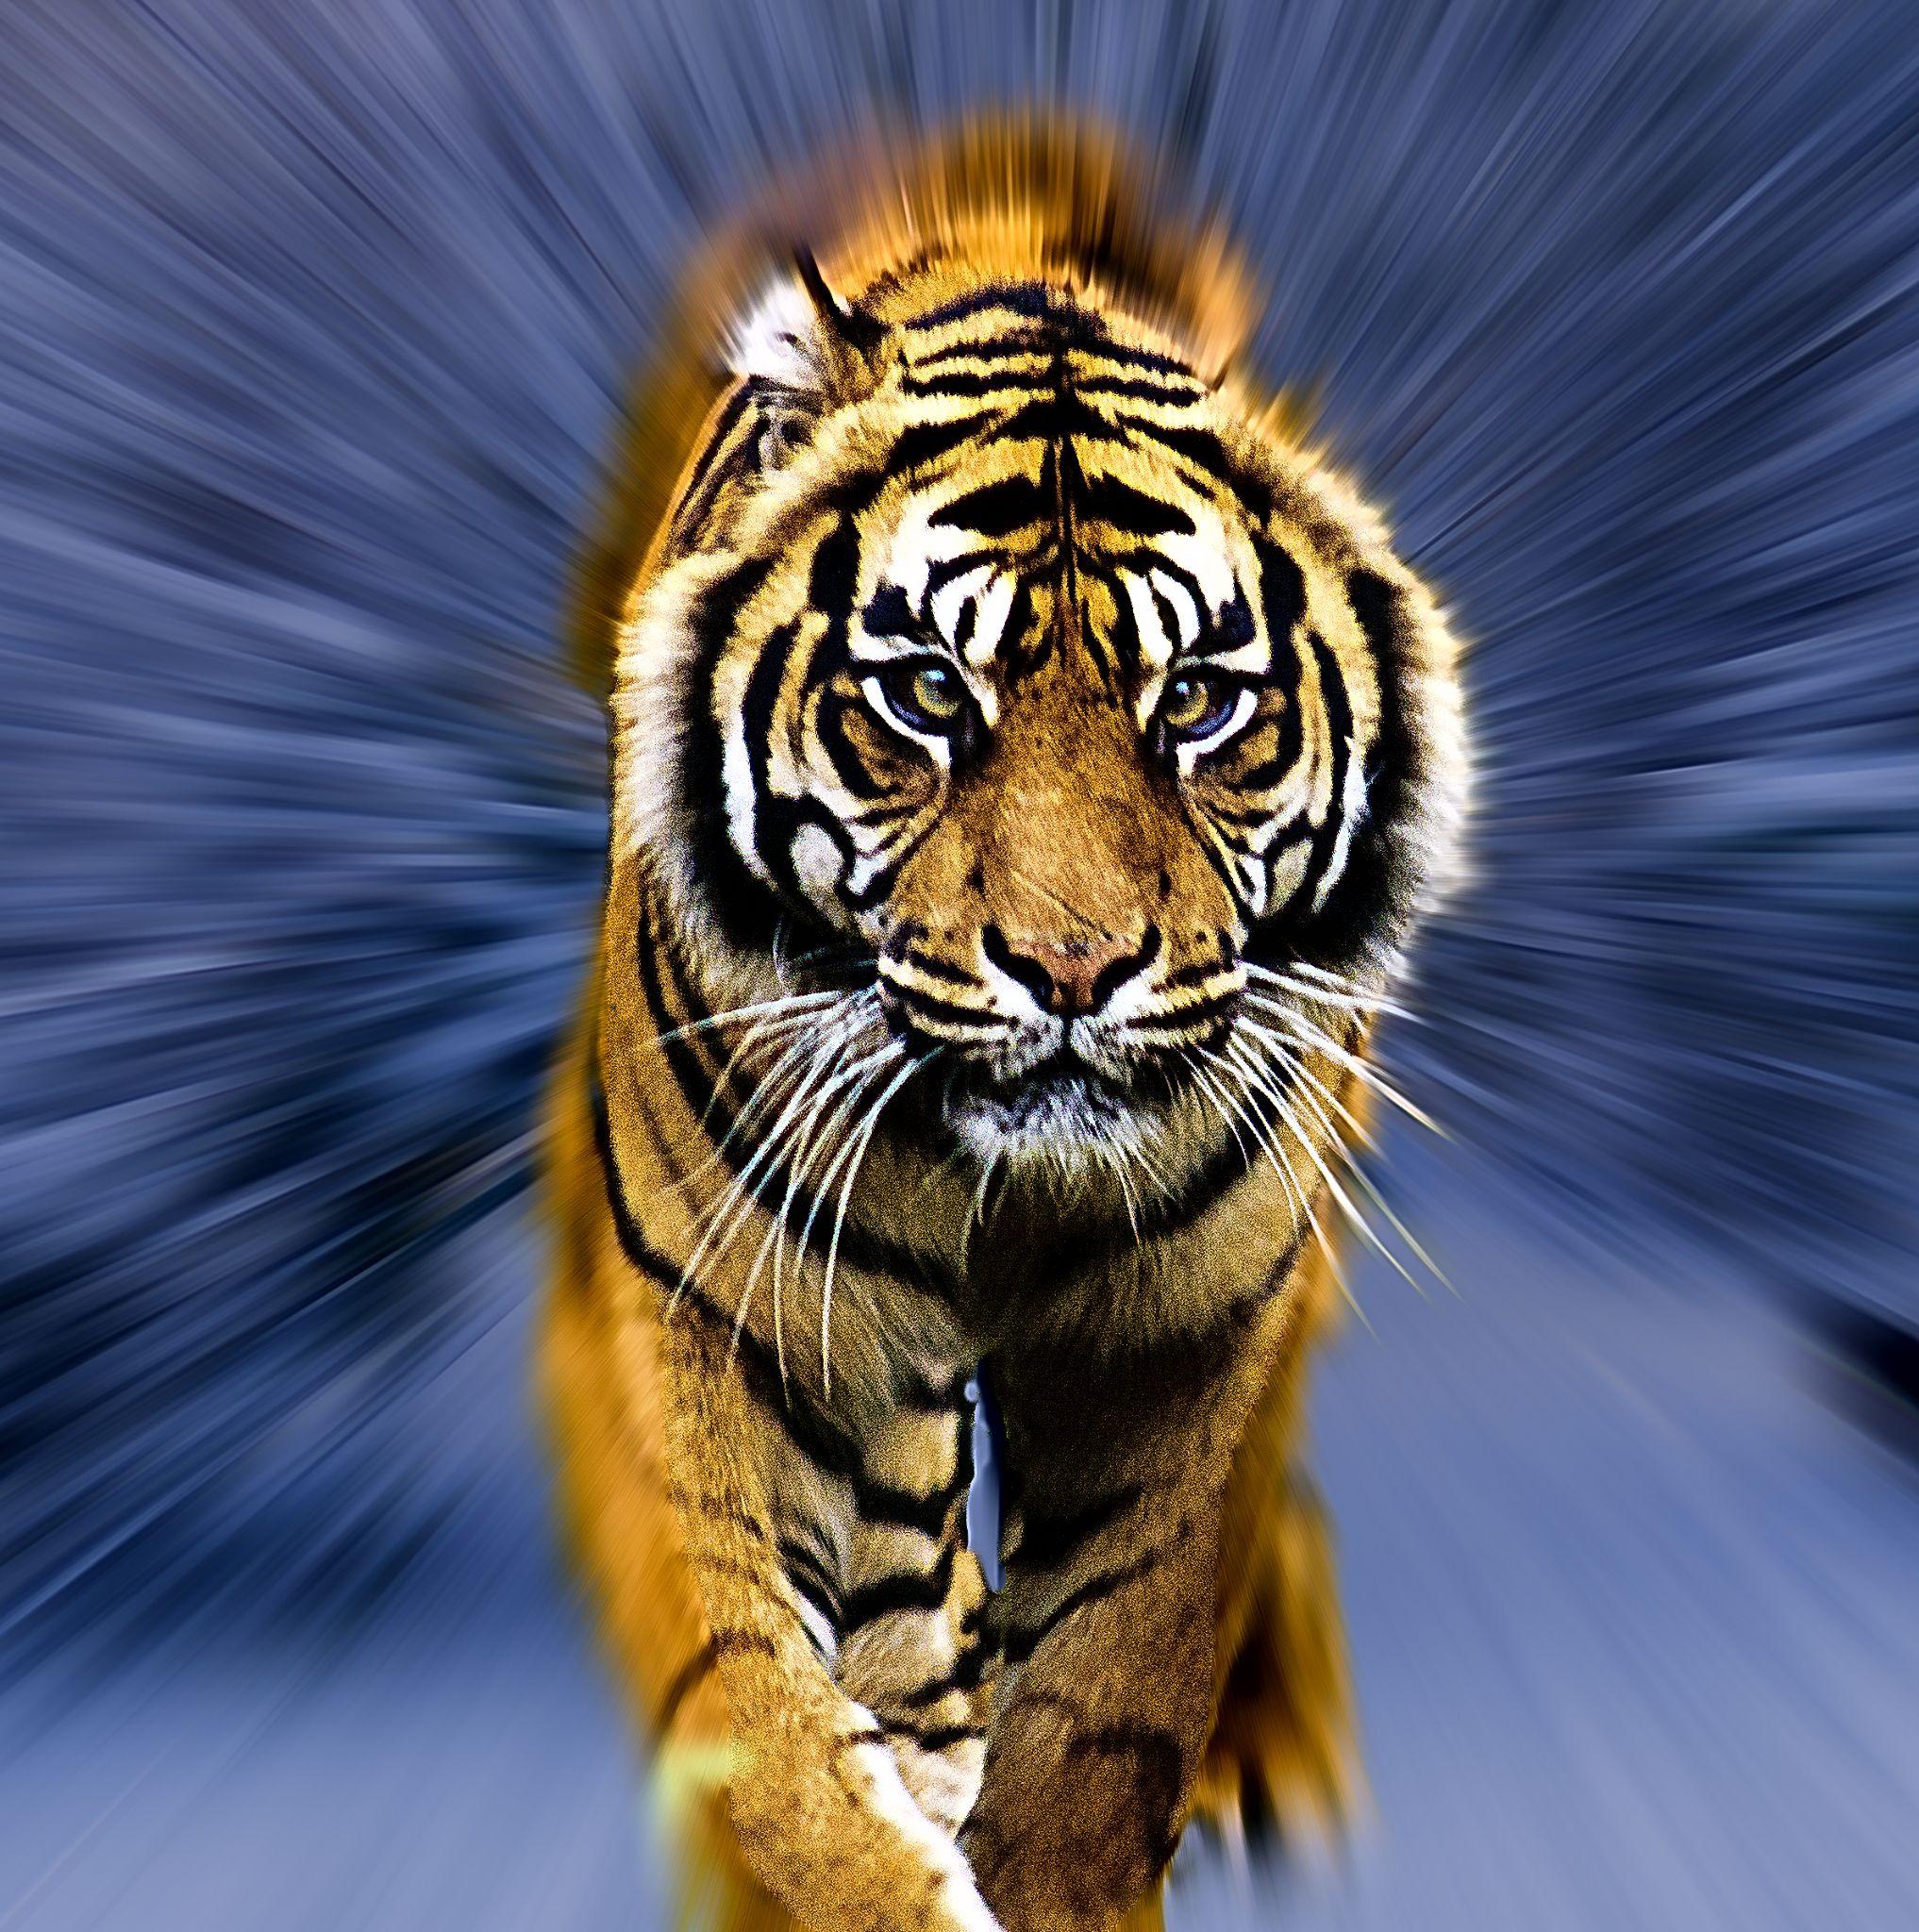 Tiger in snow by David Owen